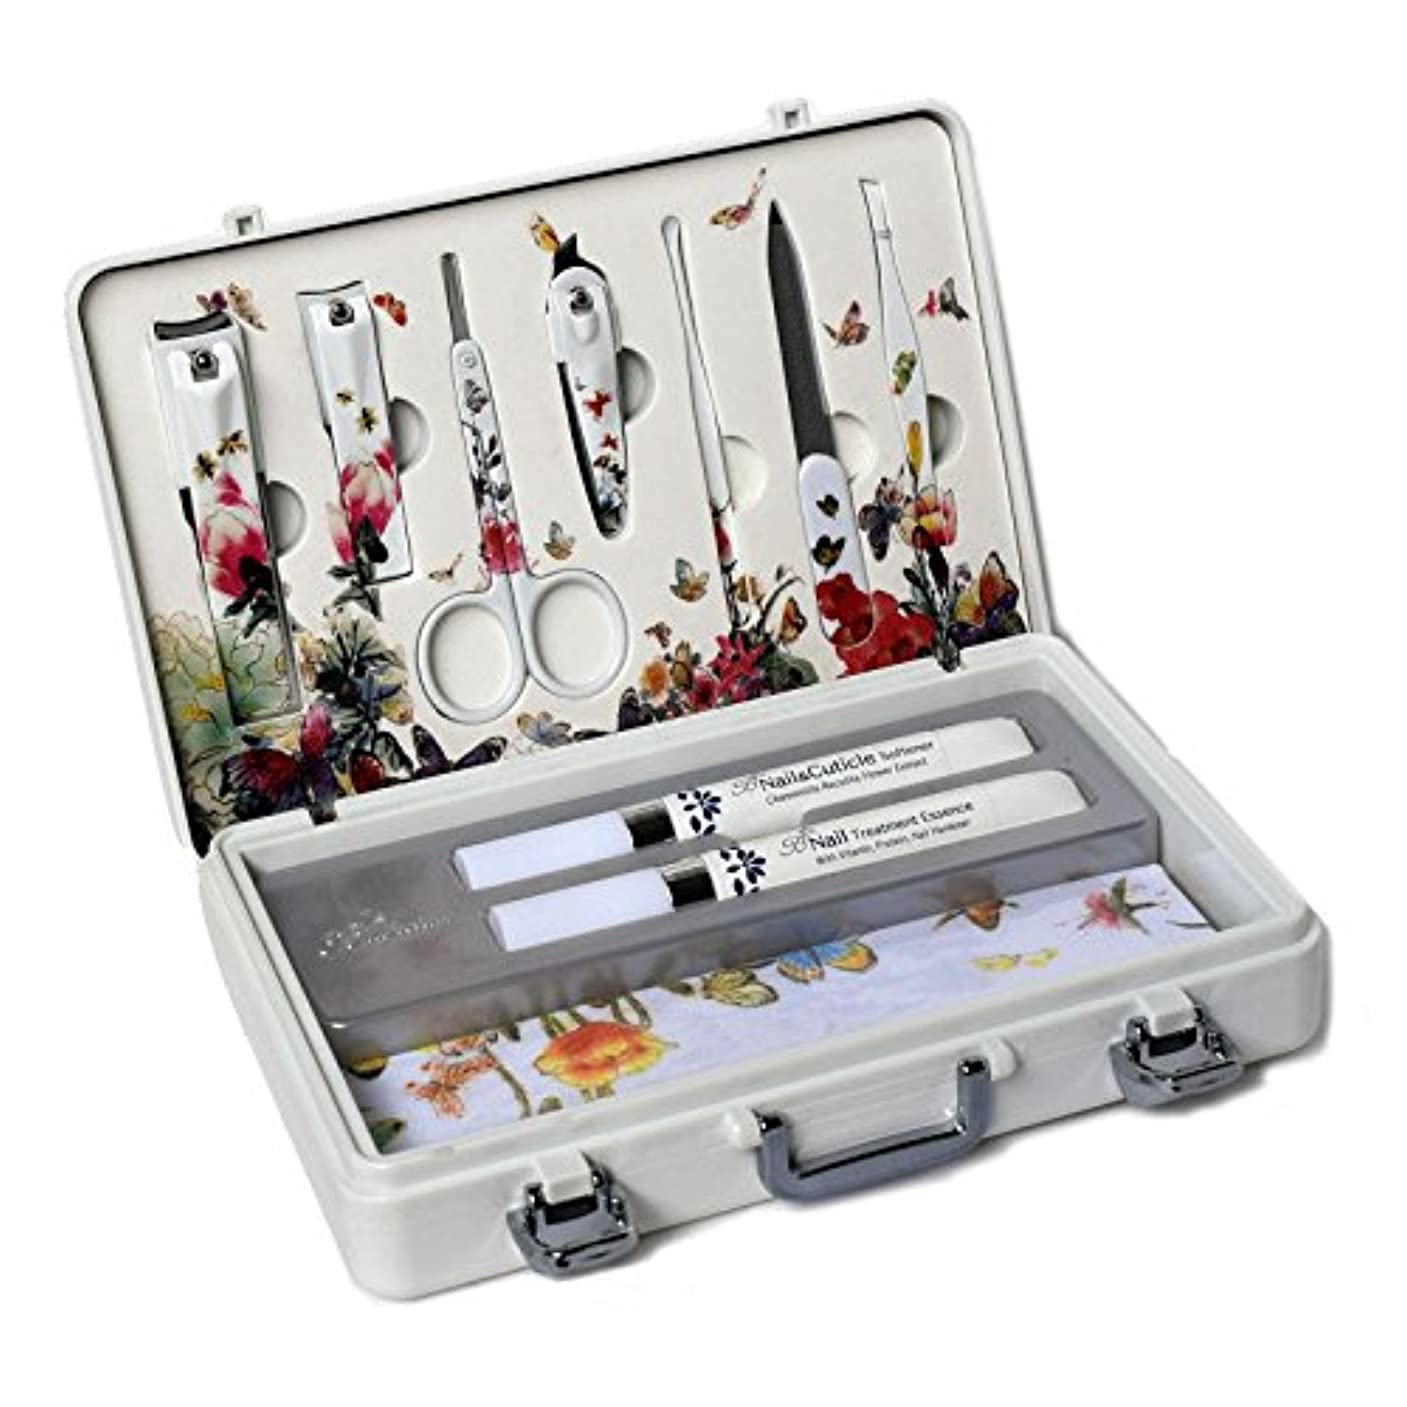 用心するメディカル学校教育METAL BELL Manicure Sets BN-2000 爪の管理セット爪切りセット 高品質のネイルケアセット高級感のある東洋画のデザイン Nail Clippers Nail Care Set